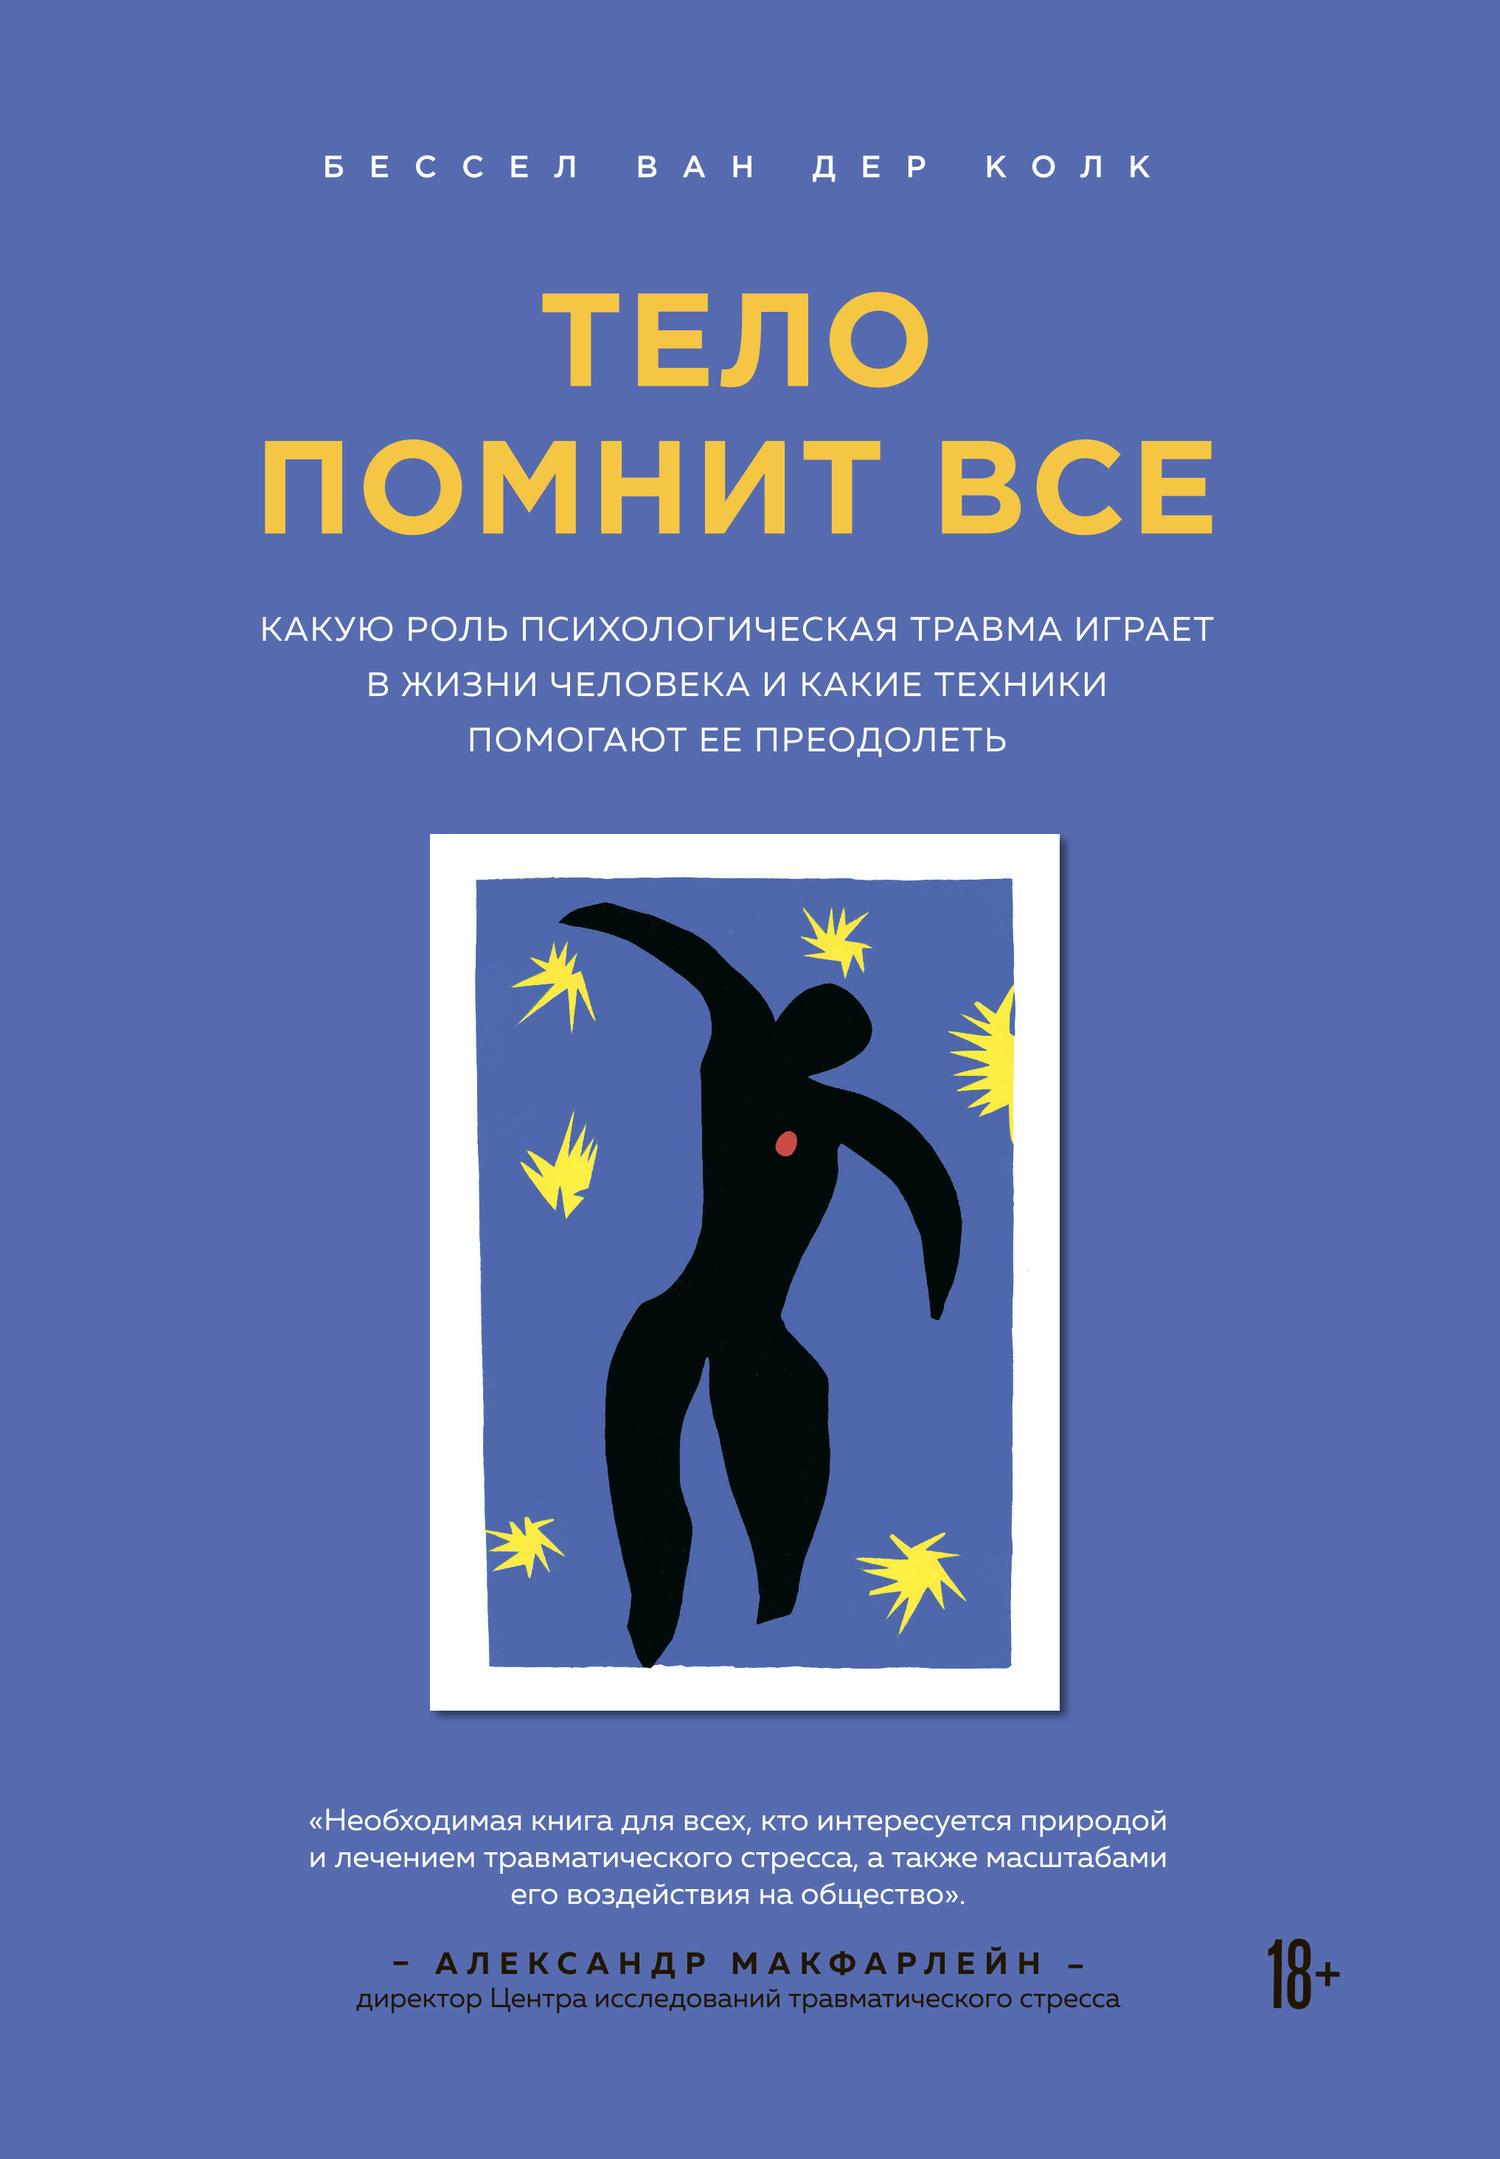 Купить книгу Тело помнит все. Какую роль психологическая травма играет в жизни человека и какие техники помогают ее преодолеть, автора Бессла ван дер Колк